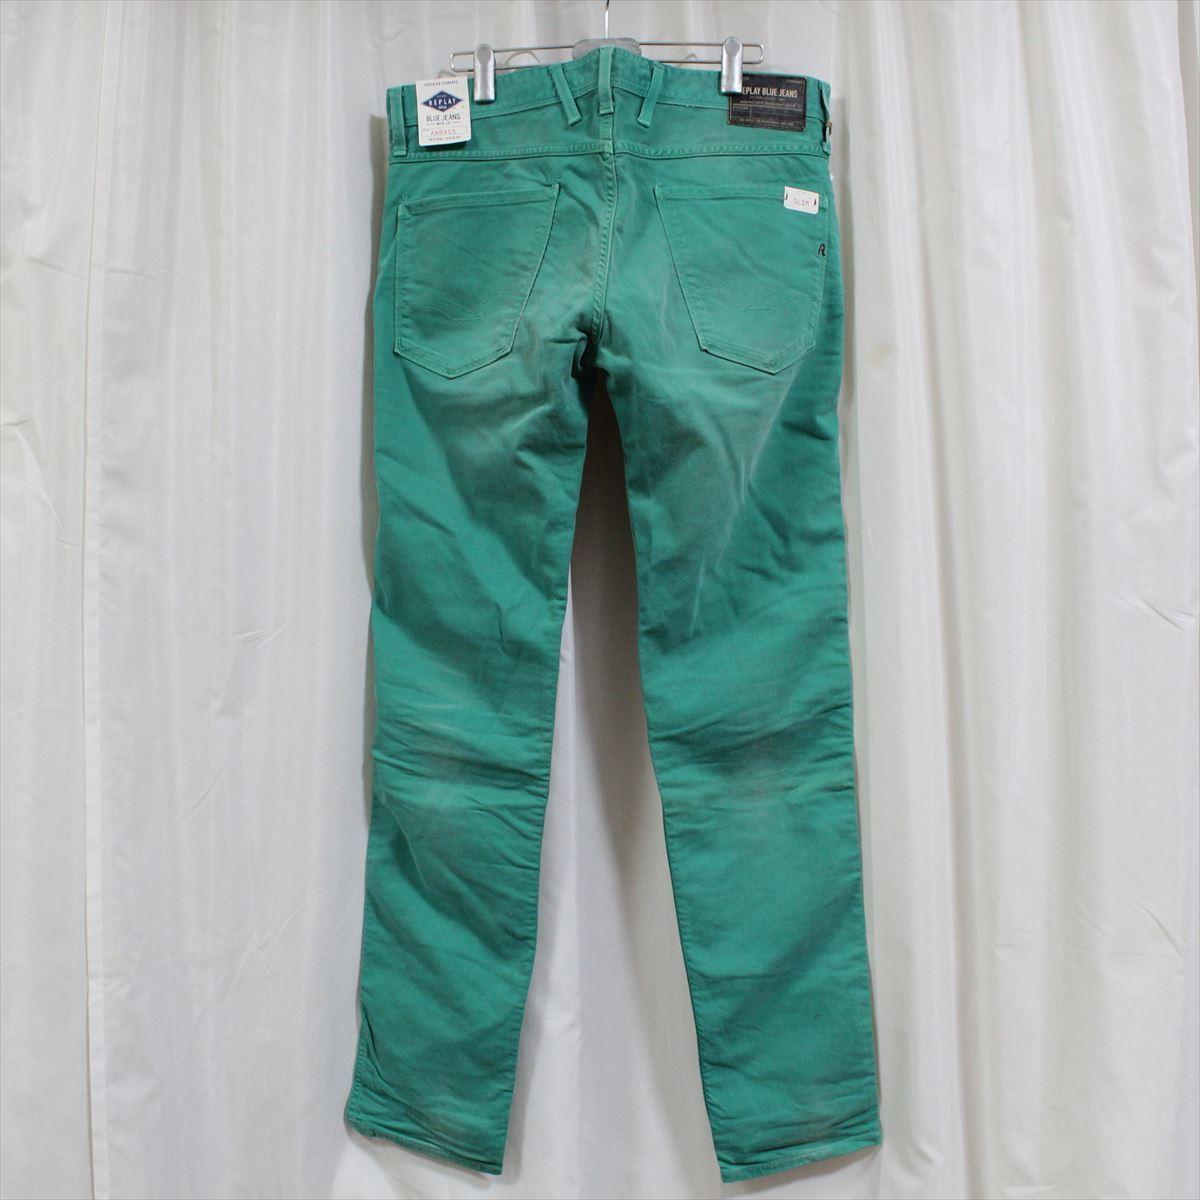 リプレイ REPLAY メンズカラーパンツ ジーンズ デニムパンツ SLIM グリーン 30インチ 新品 REPLAY BLUE JEANS anbass slim jeans_画像4